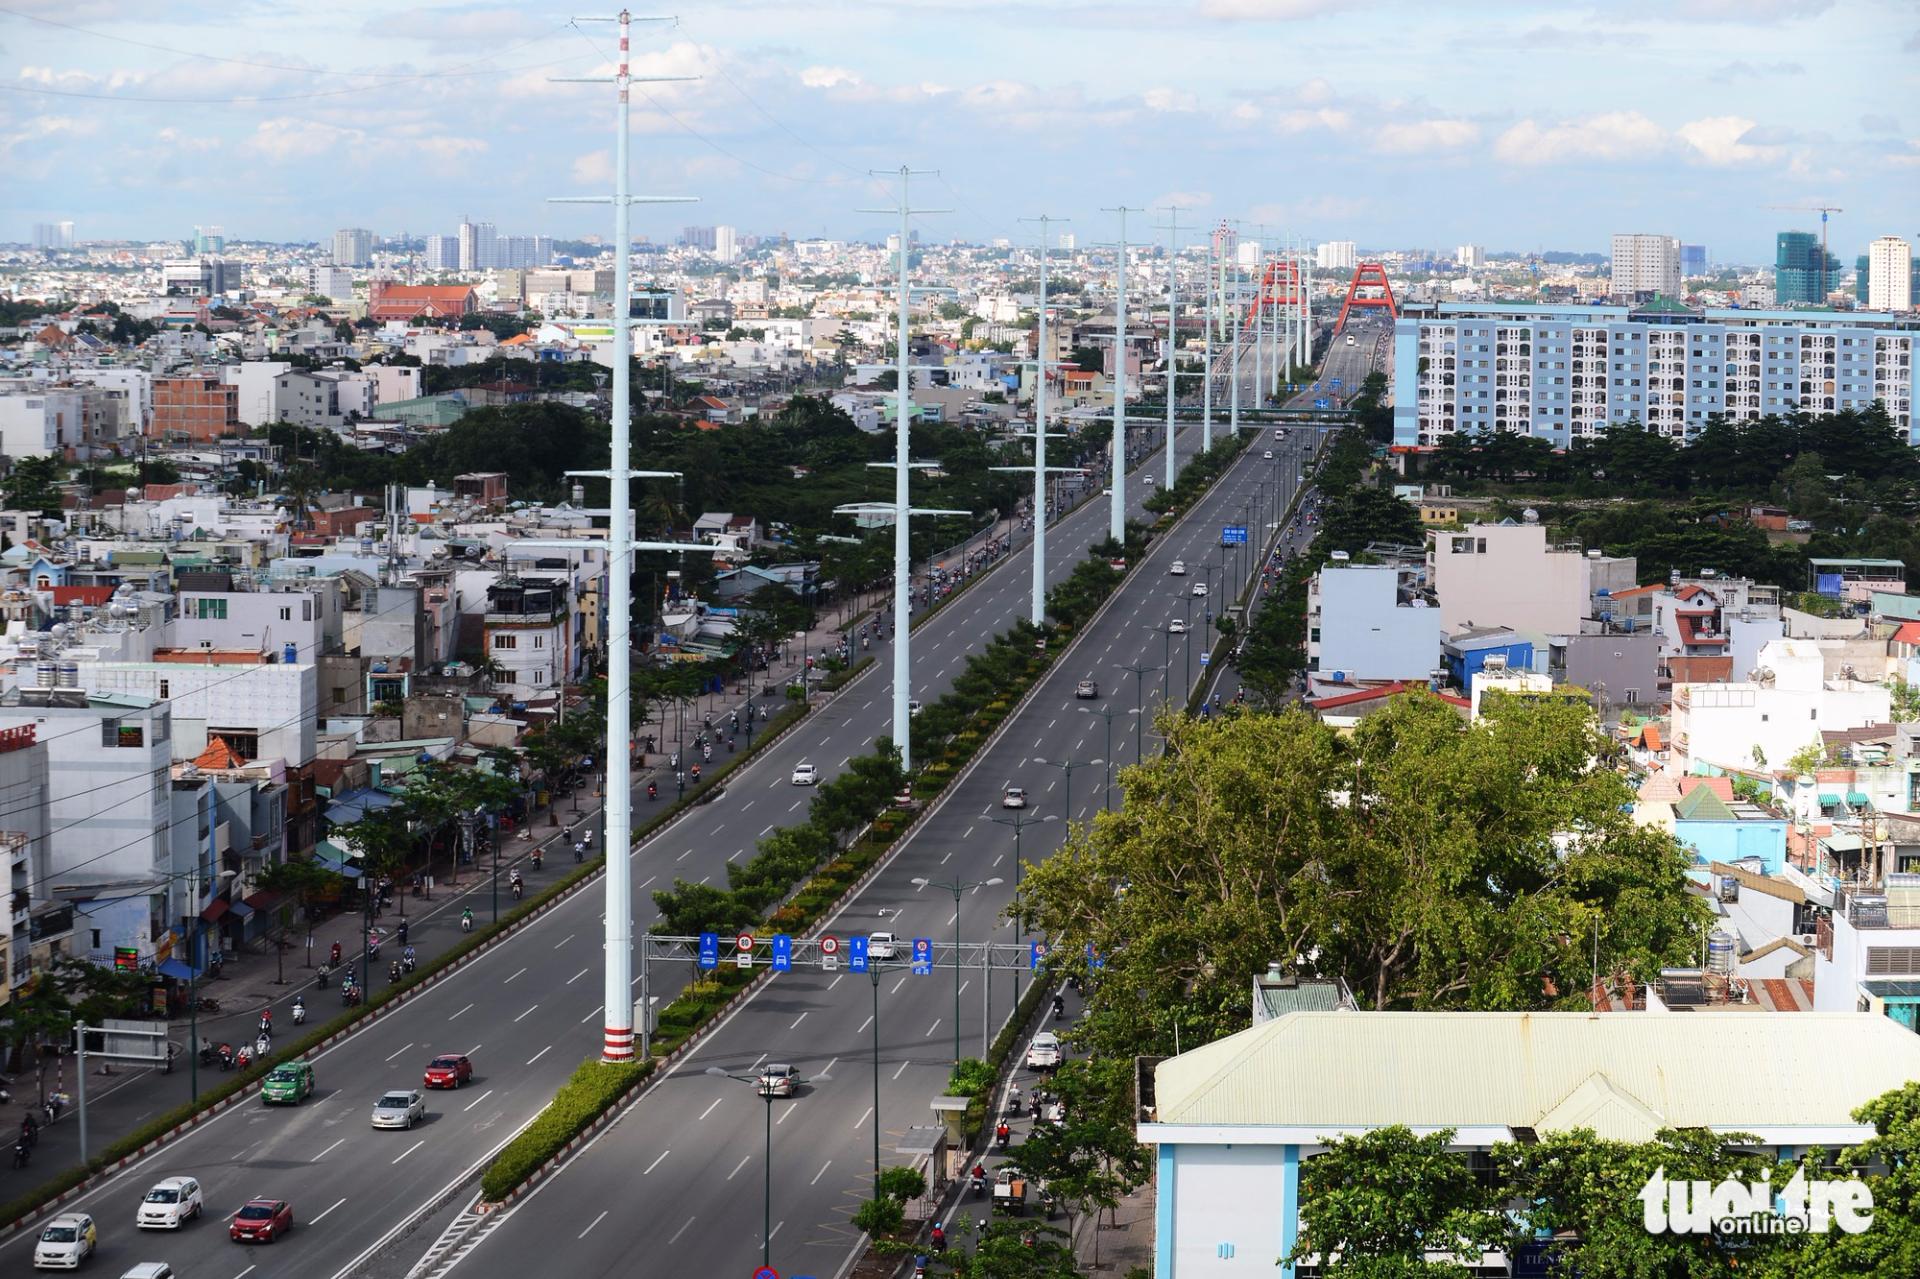 Hồ sơ Đời... rác - Kỳ cuối: Ký ức đất Sở Thùng ở Sài Gòn - Ảnh 1.